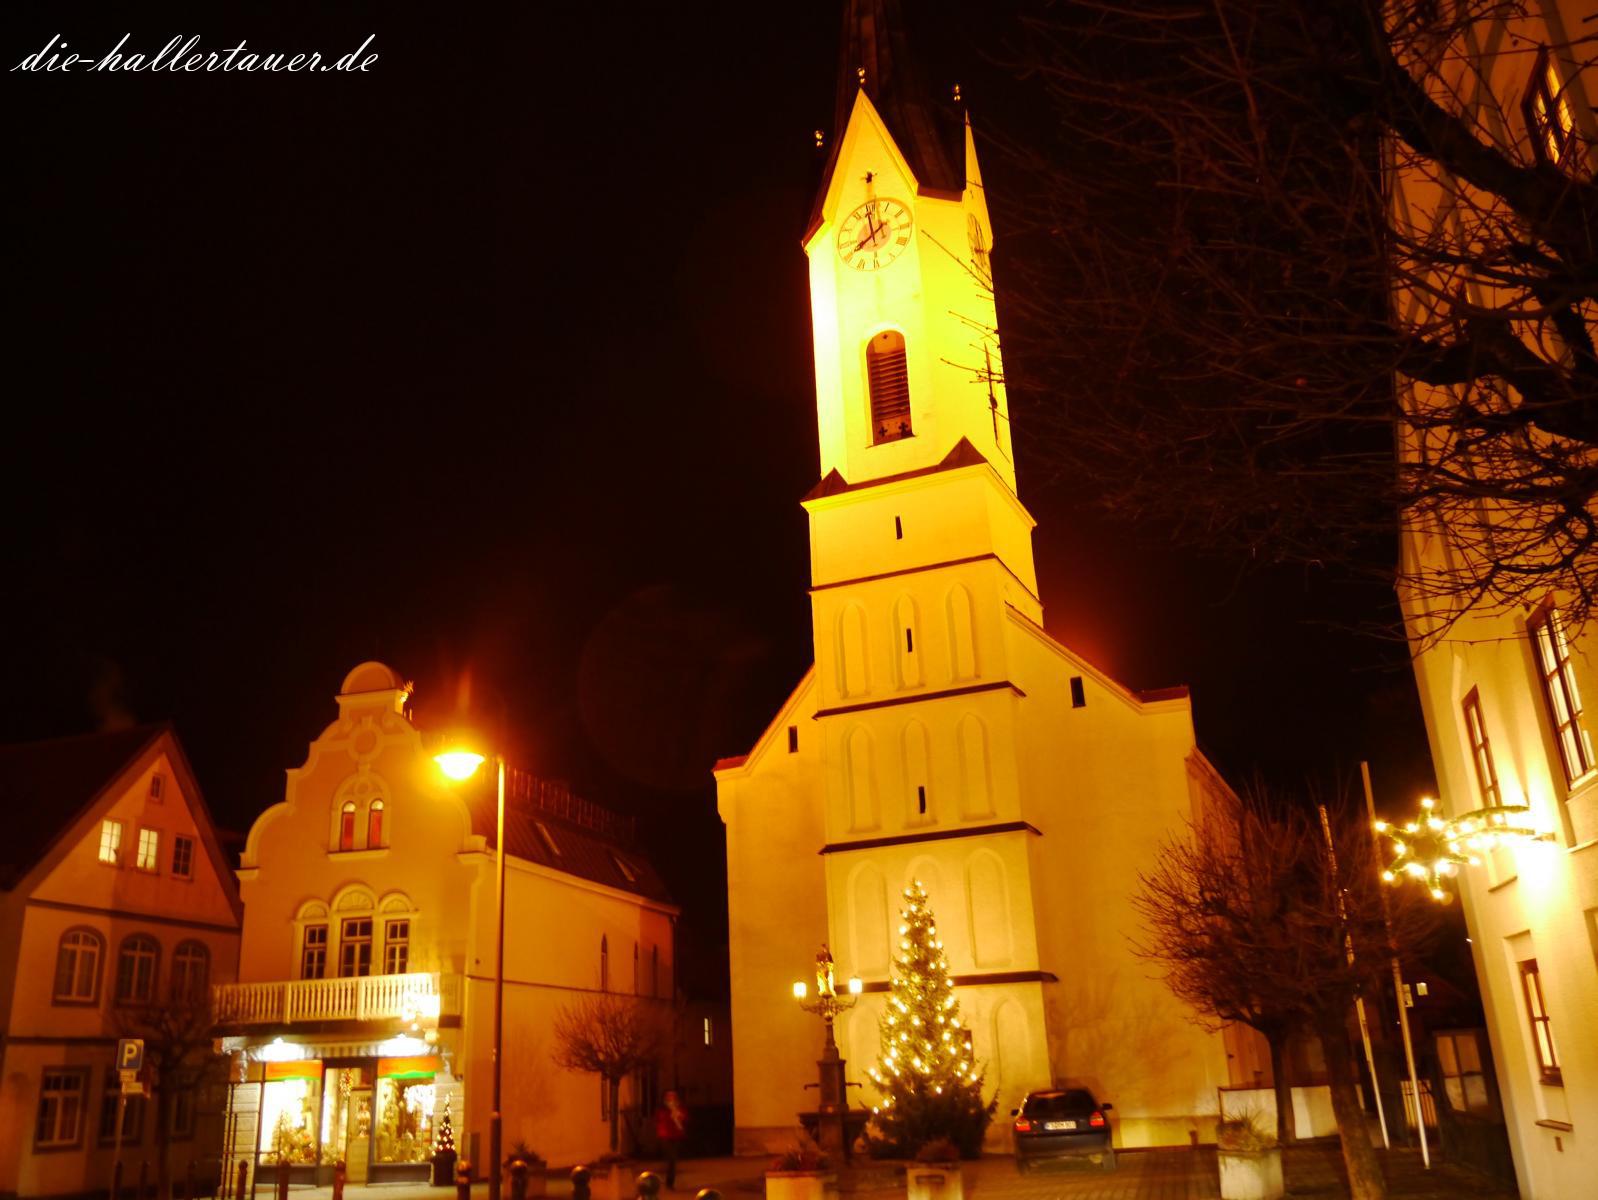 Nandlstadt zur Weihnachtszeit